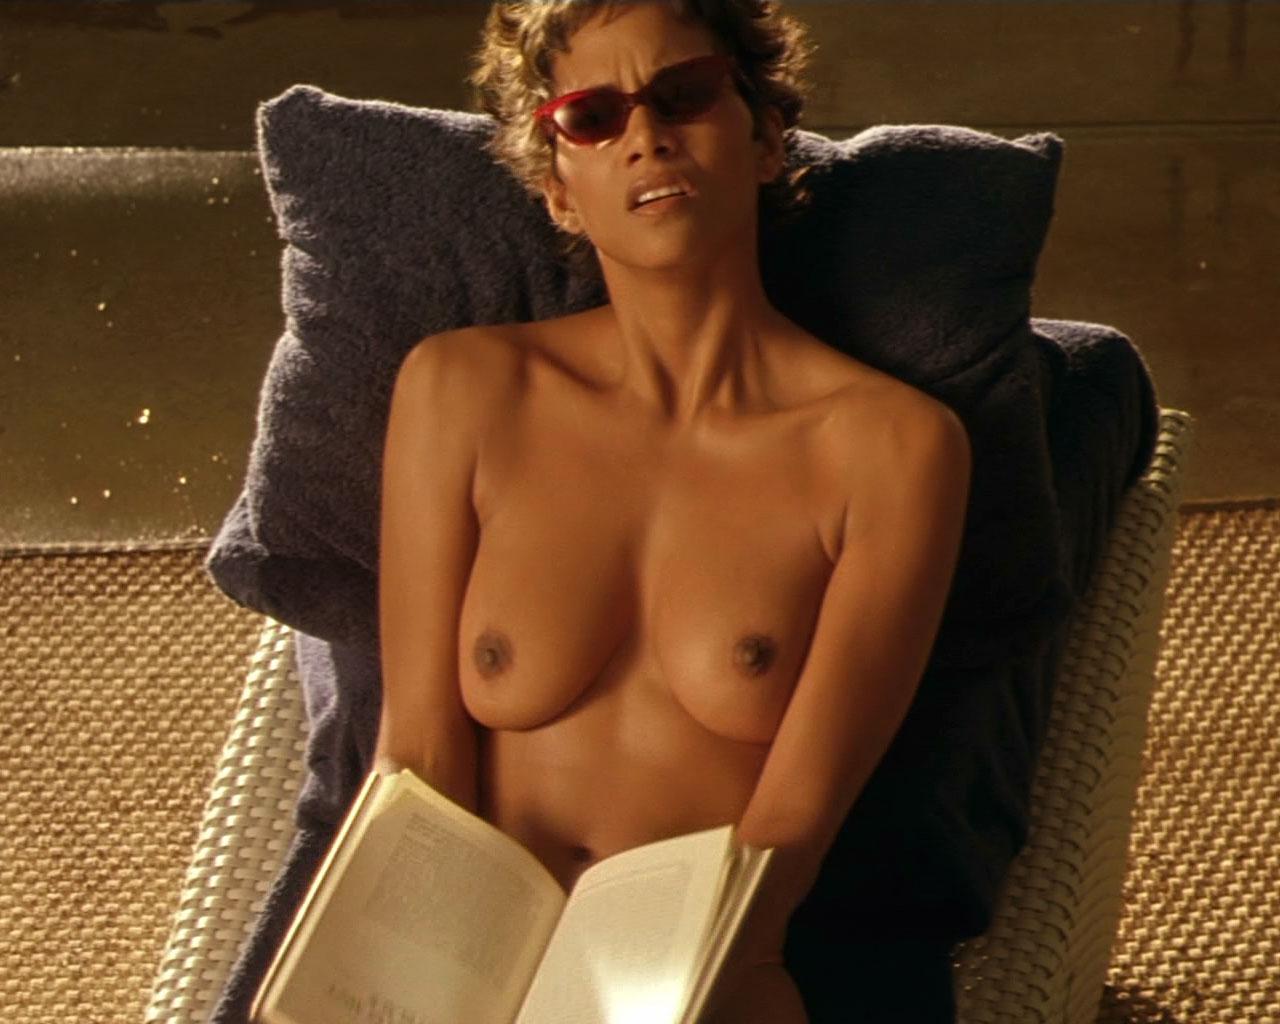 Примеры порно актрис 25 фотография